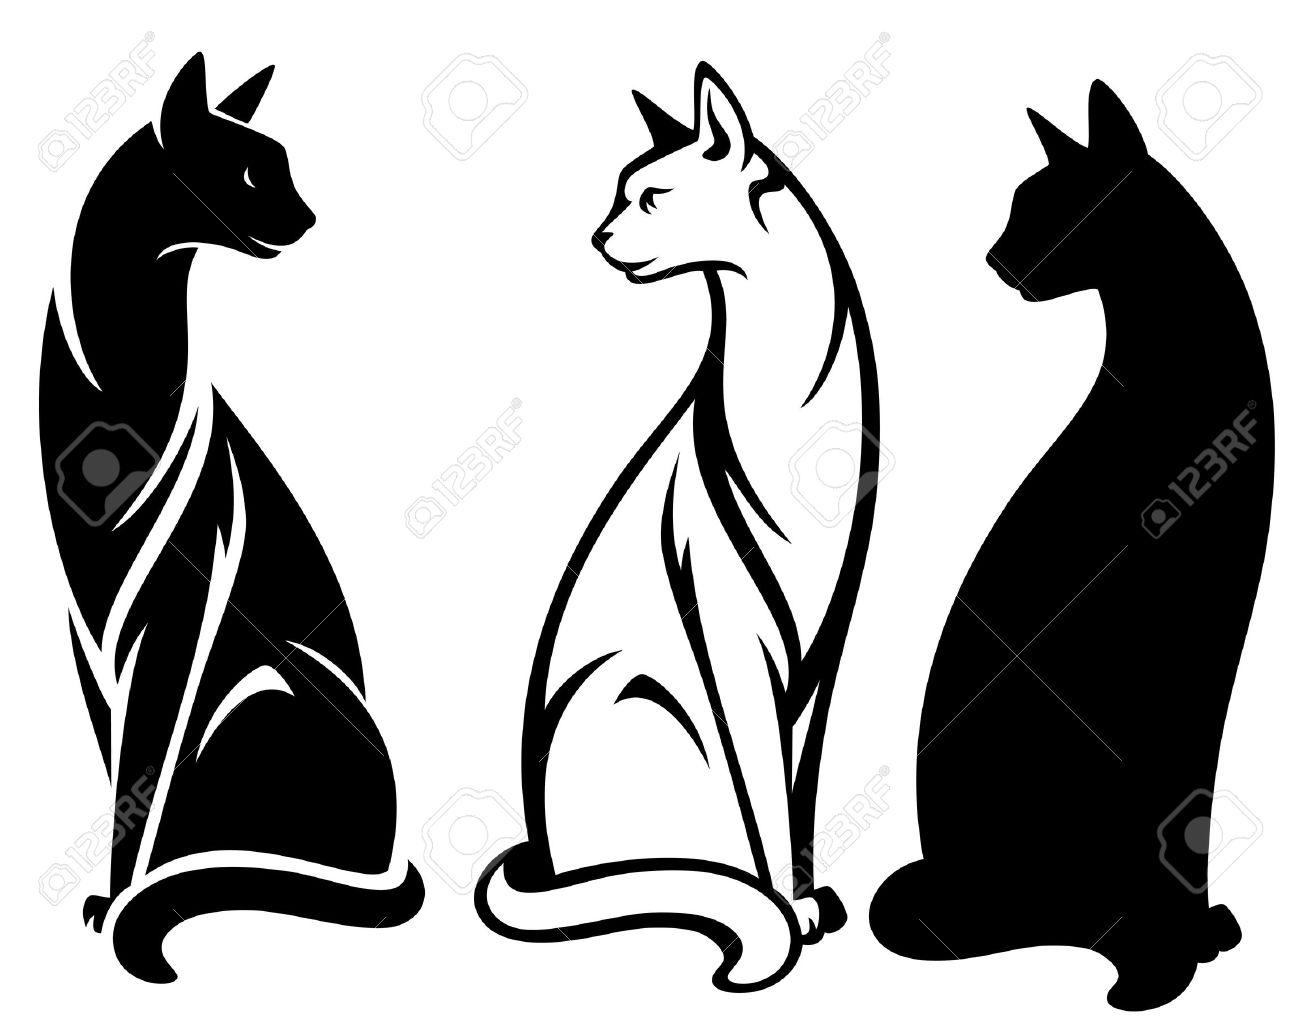 elegante gatos sentados diseño vectorial - contorno y la silueta en blanco y negro Foto de archivo - 19621003